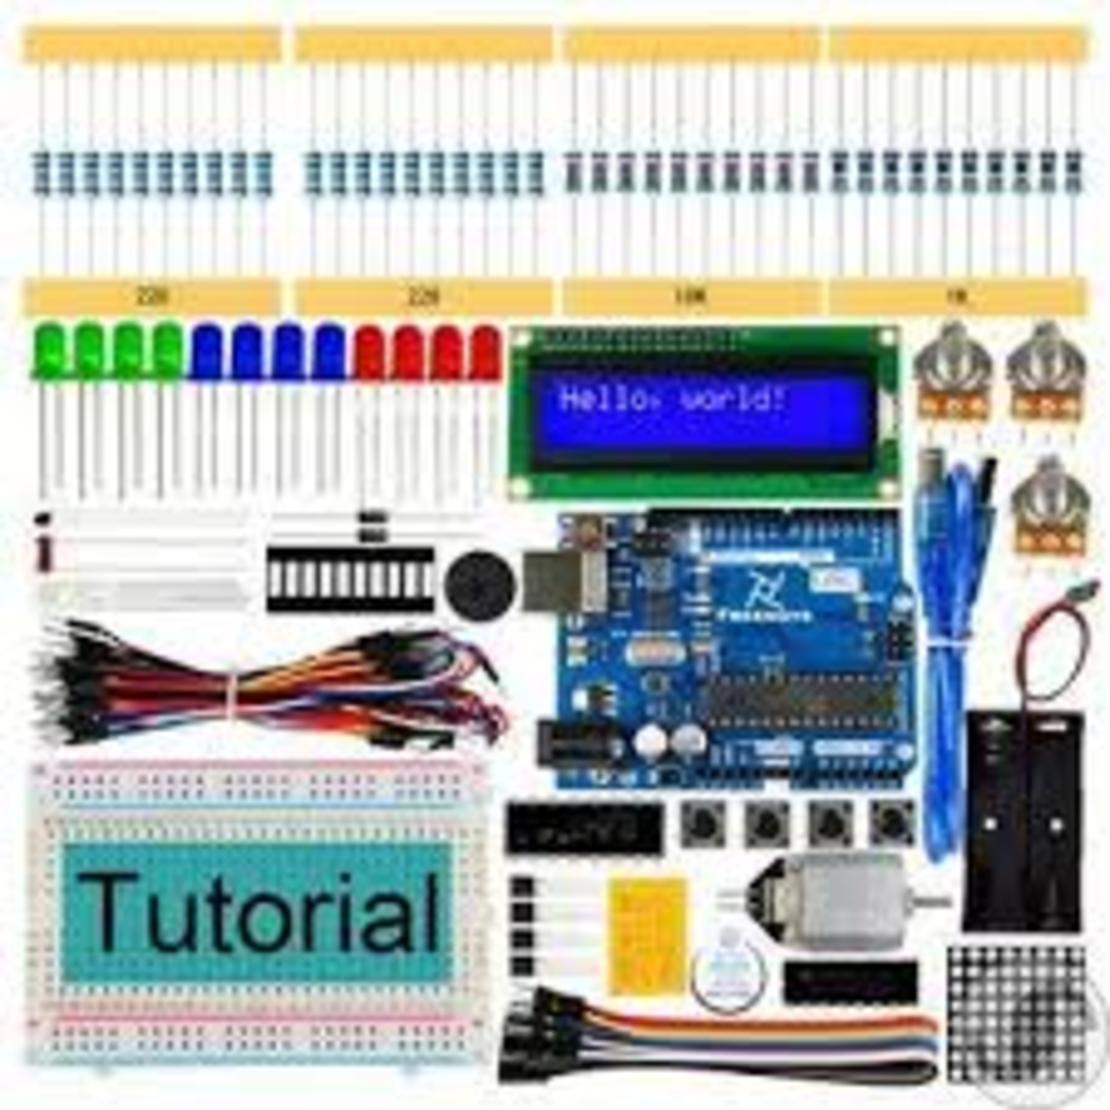 ציוד ורכיבים לפרוייקט גמר - יב 2,3,4 אלקטרוניקה ומחשבים